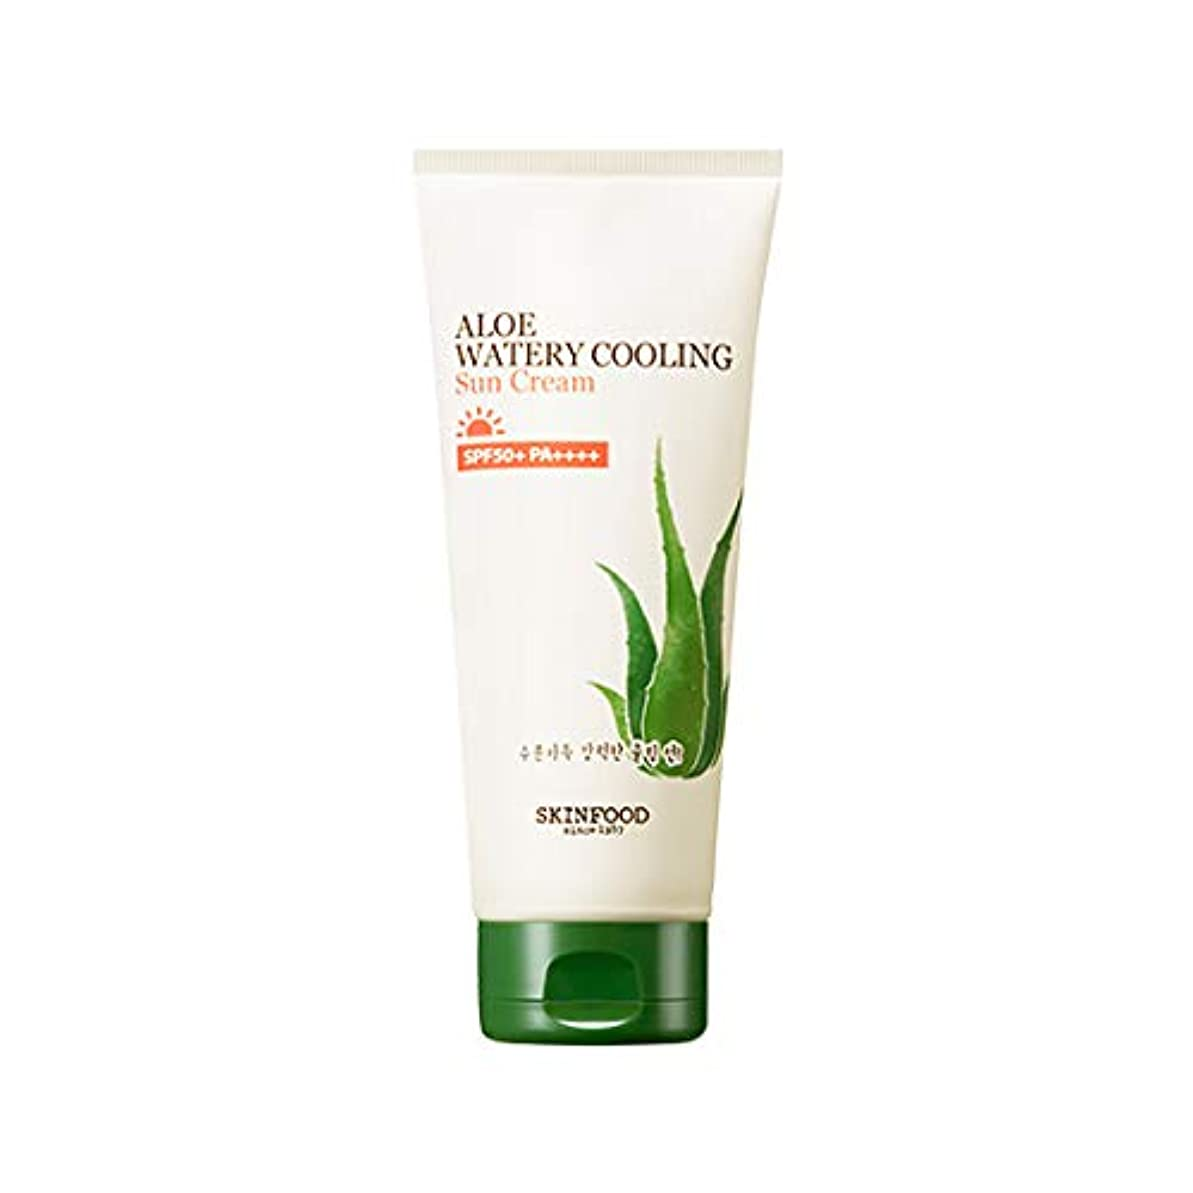 ねばねば海外でクラスSkinfood アロエ水冷サンクリーム/Aloe Water Cooling Sun Cream 200g [並行輸入品]